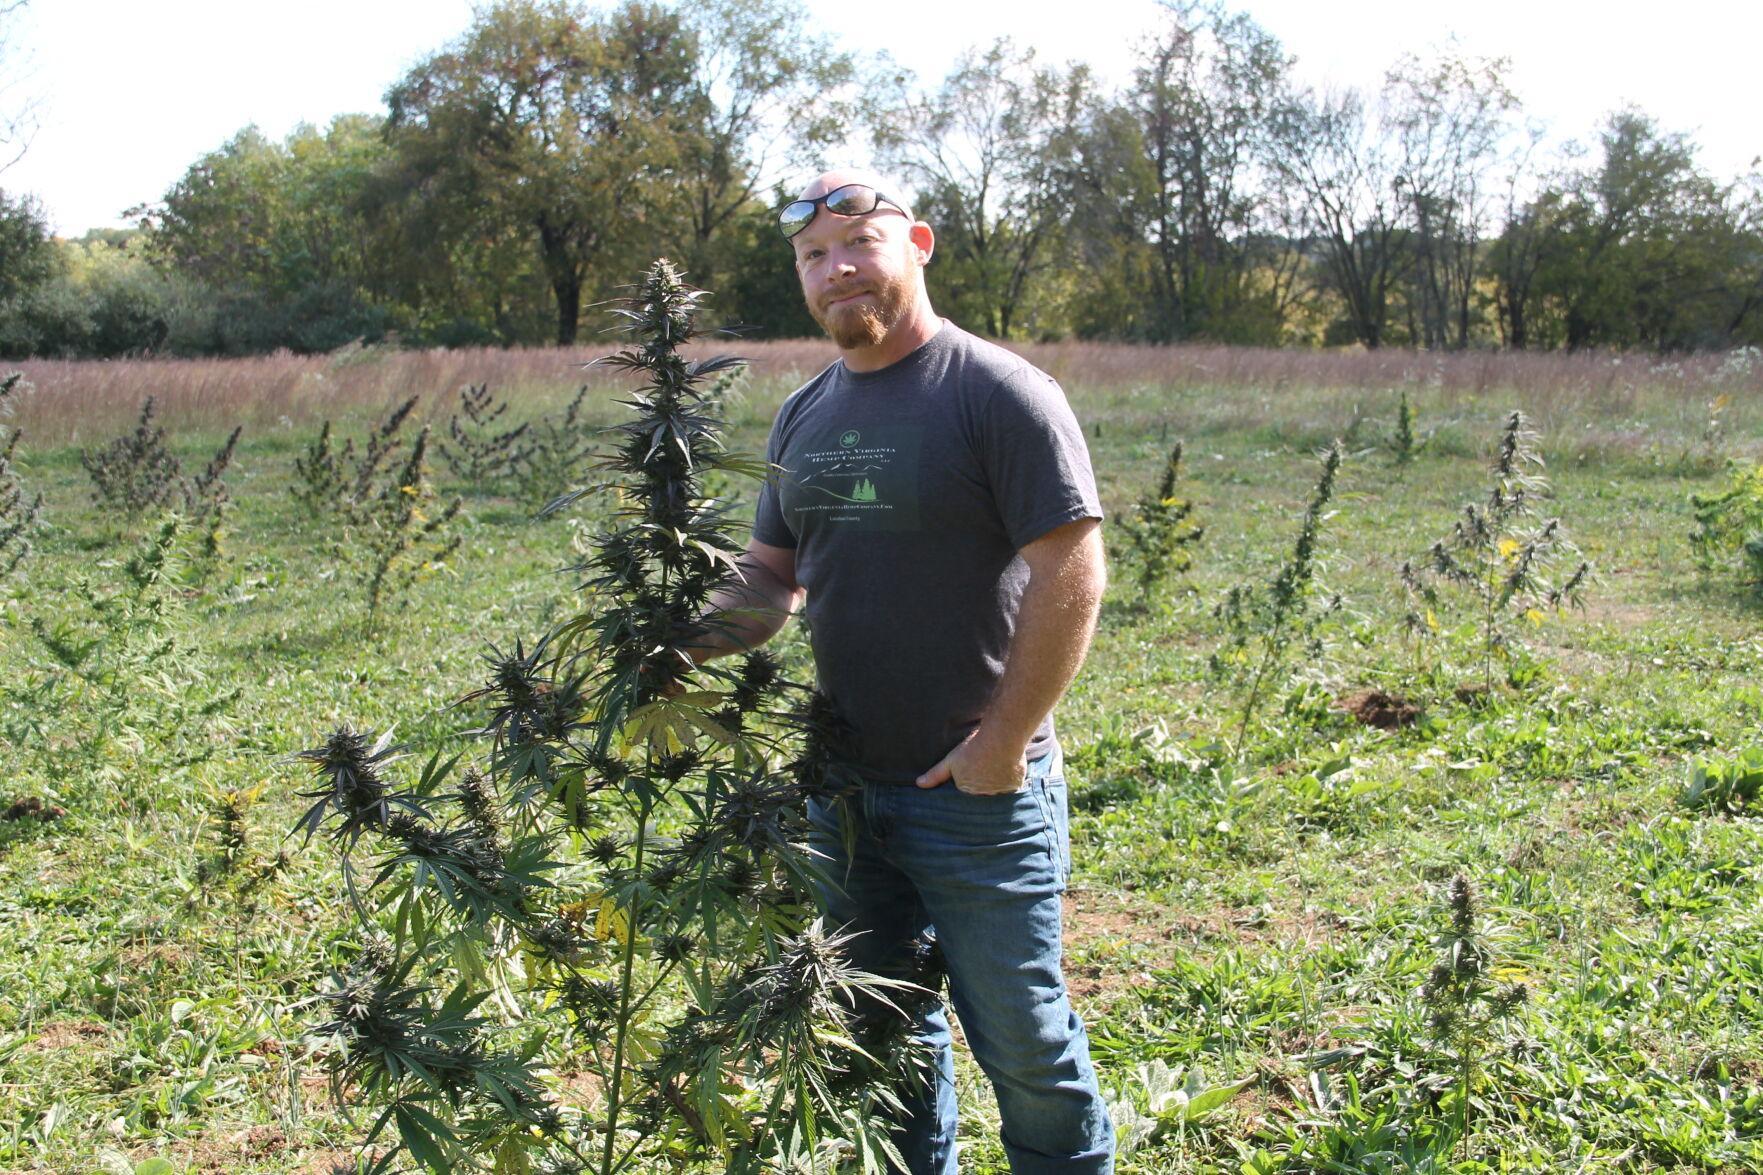 Loudoun hemp farmers see opportunity in growing market